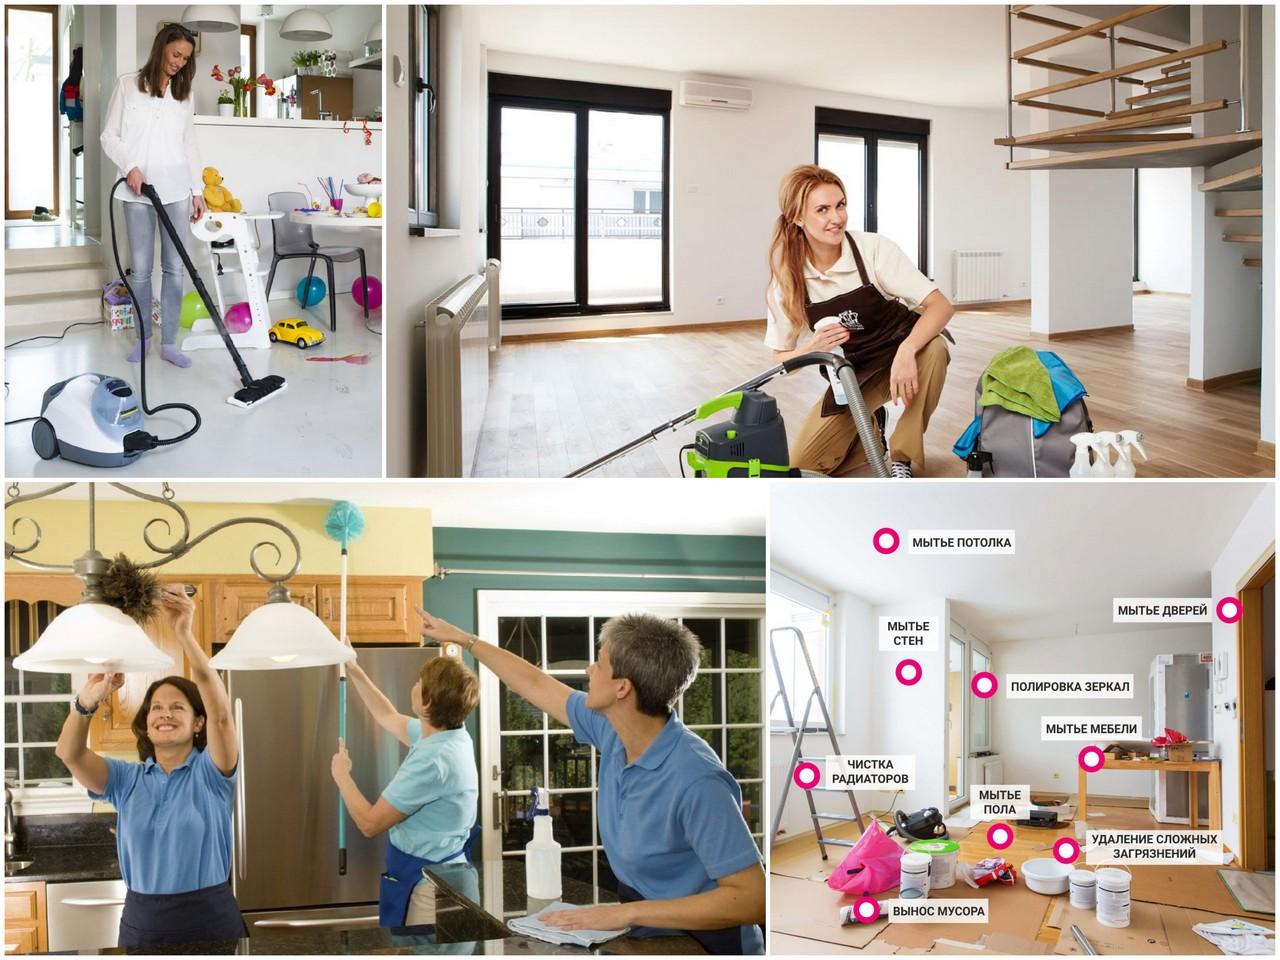 уборка квартиры без последовательности и организованности